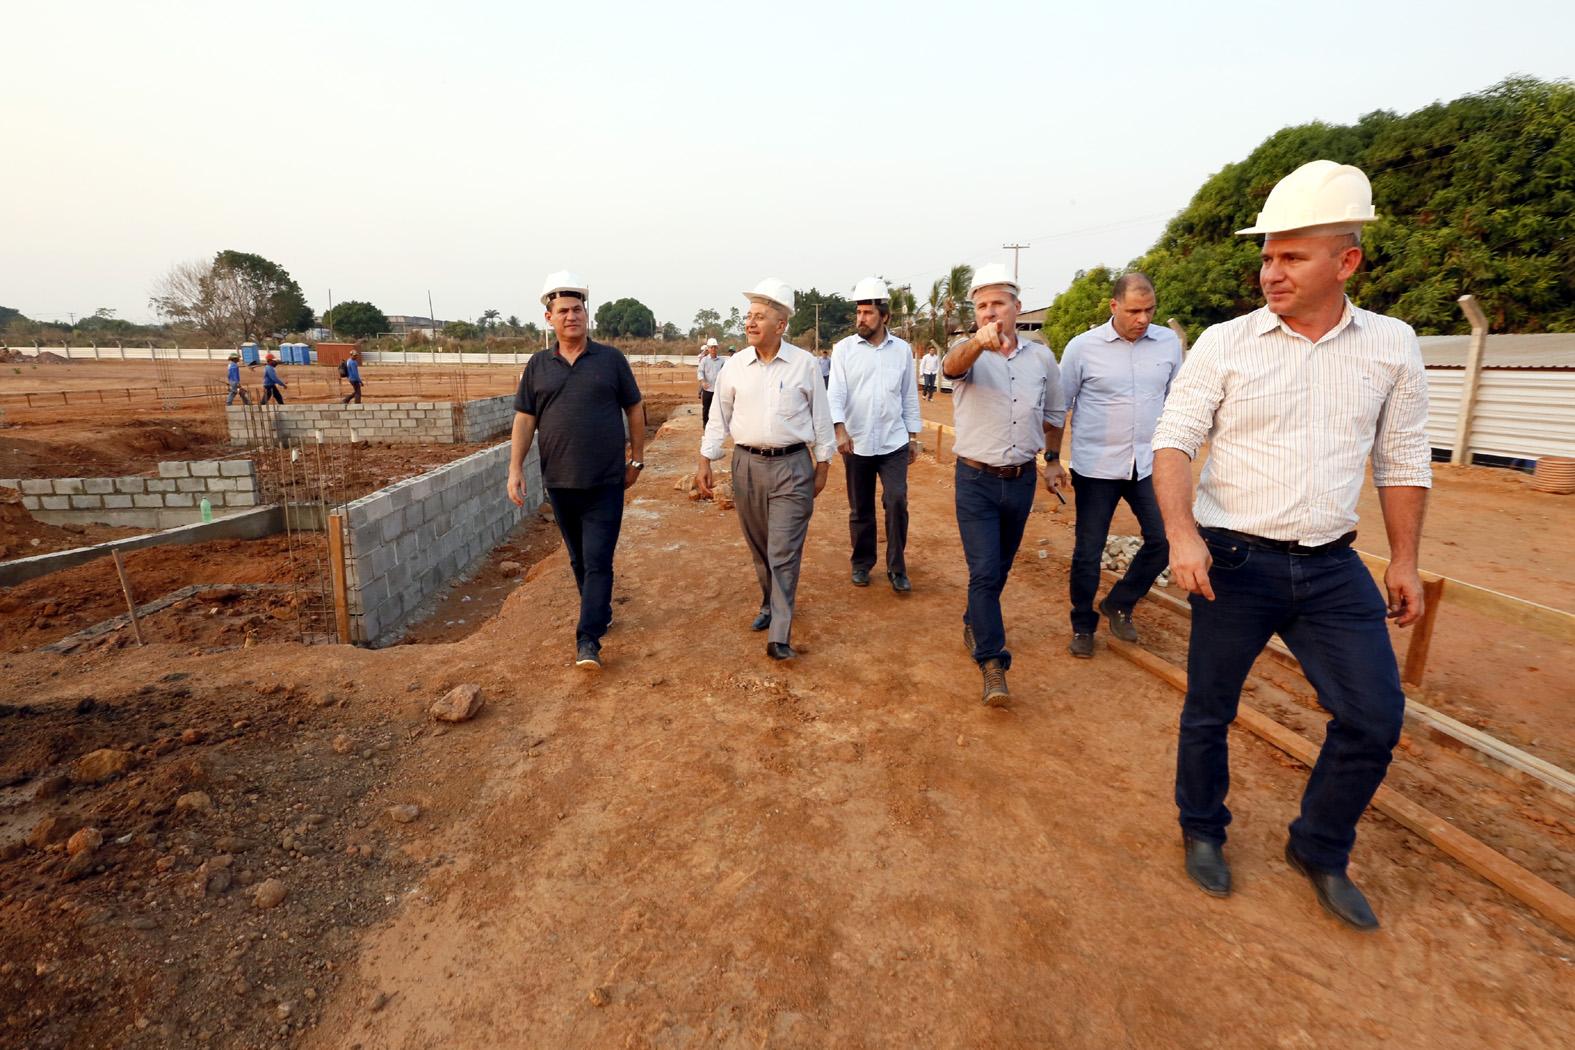 presidente-da-assembleia-vistoria-obras-do-complexo-beira-rio.jpg